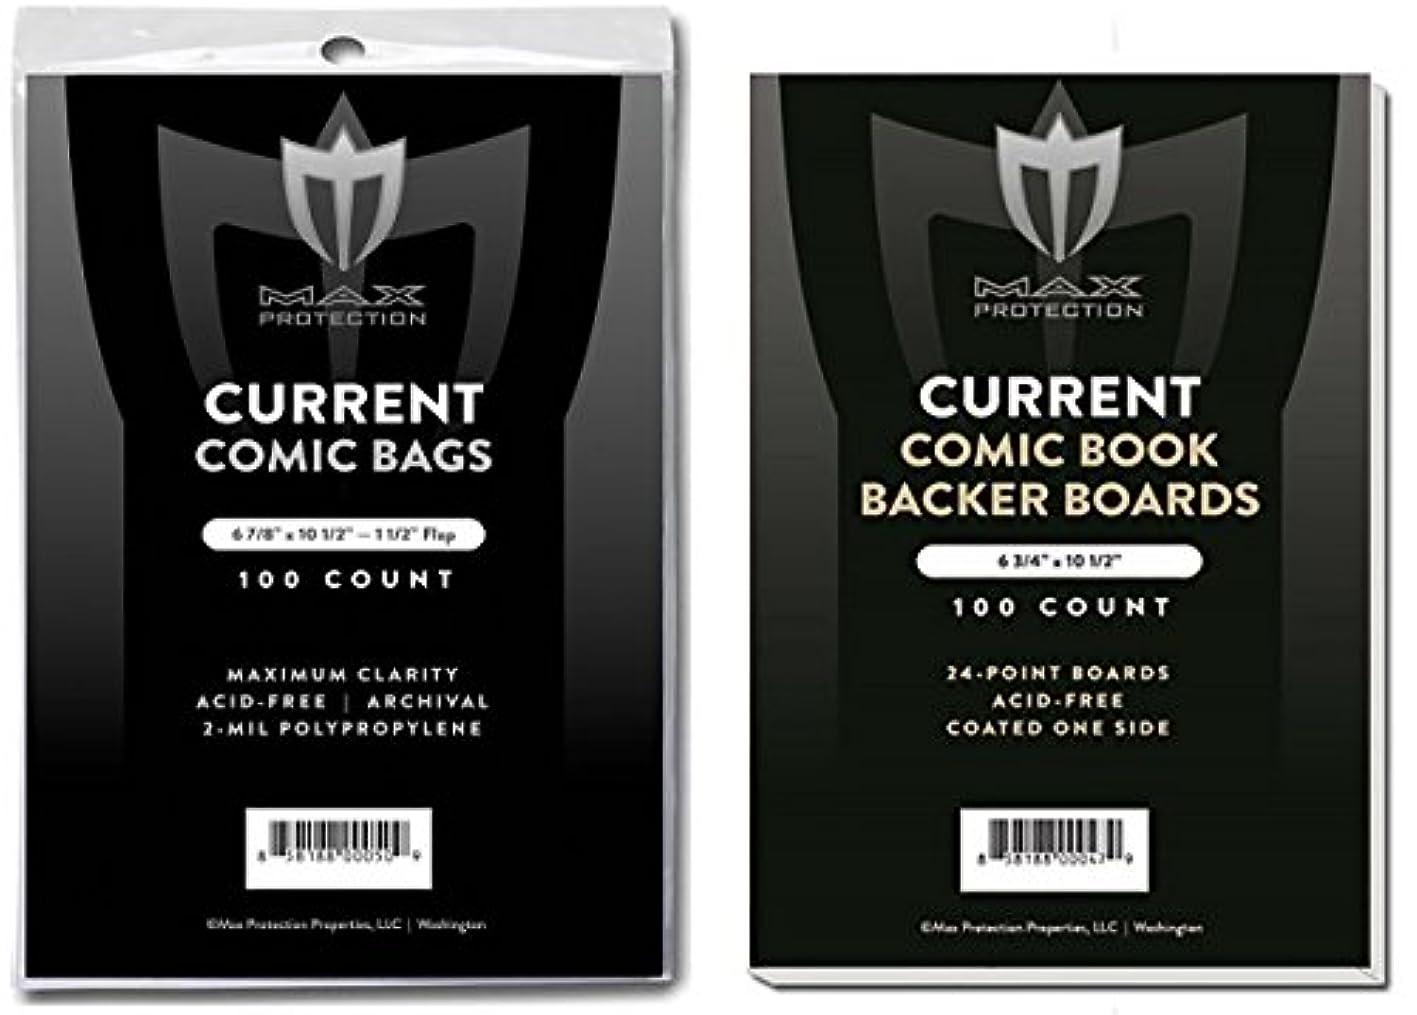 猫背癌お酒(500) Current Size Ultra Clear Comic Book Bags and Boards - by Max Pro (Qty= 500 Bags and 500 Boards)